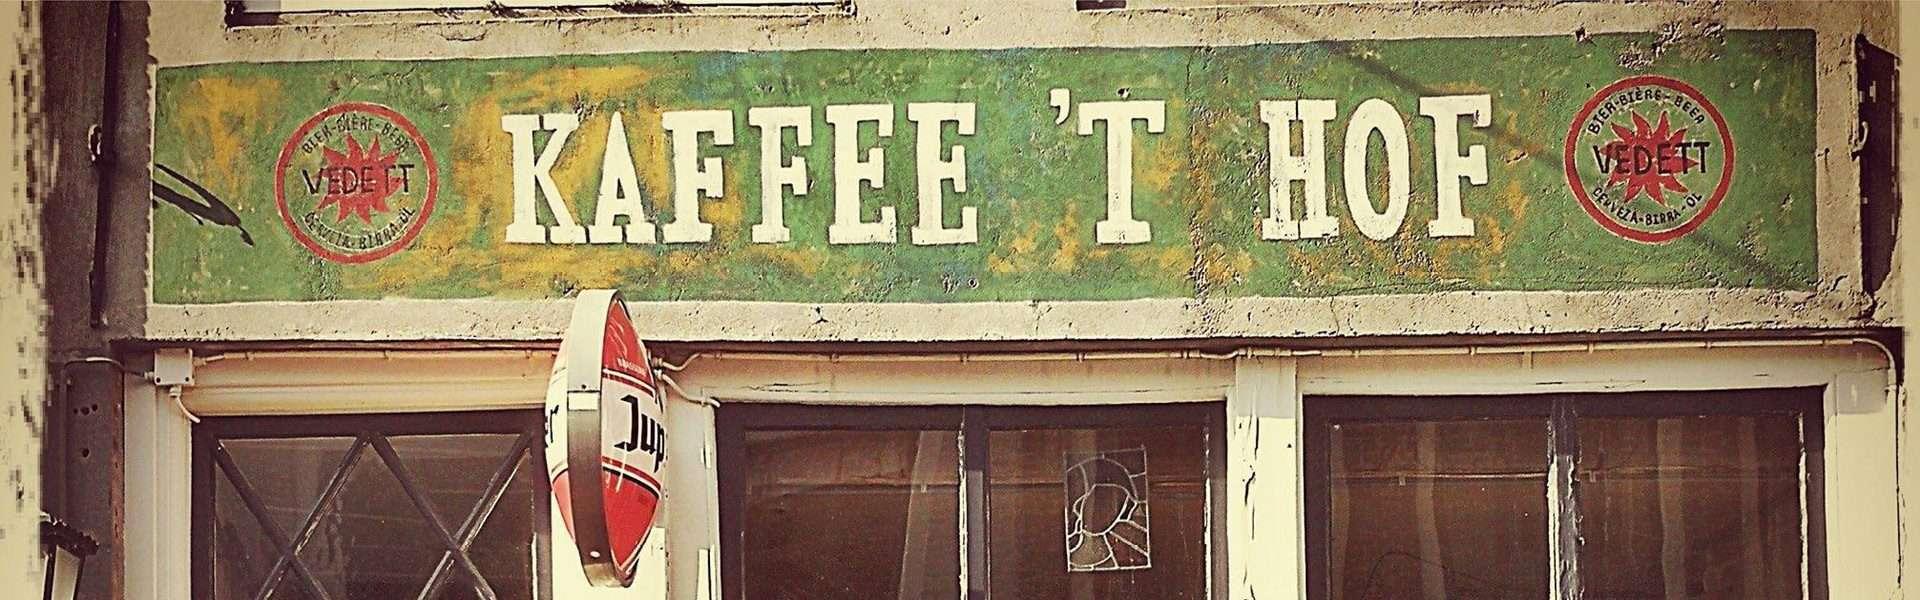 Kaffee 't Hof